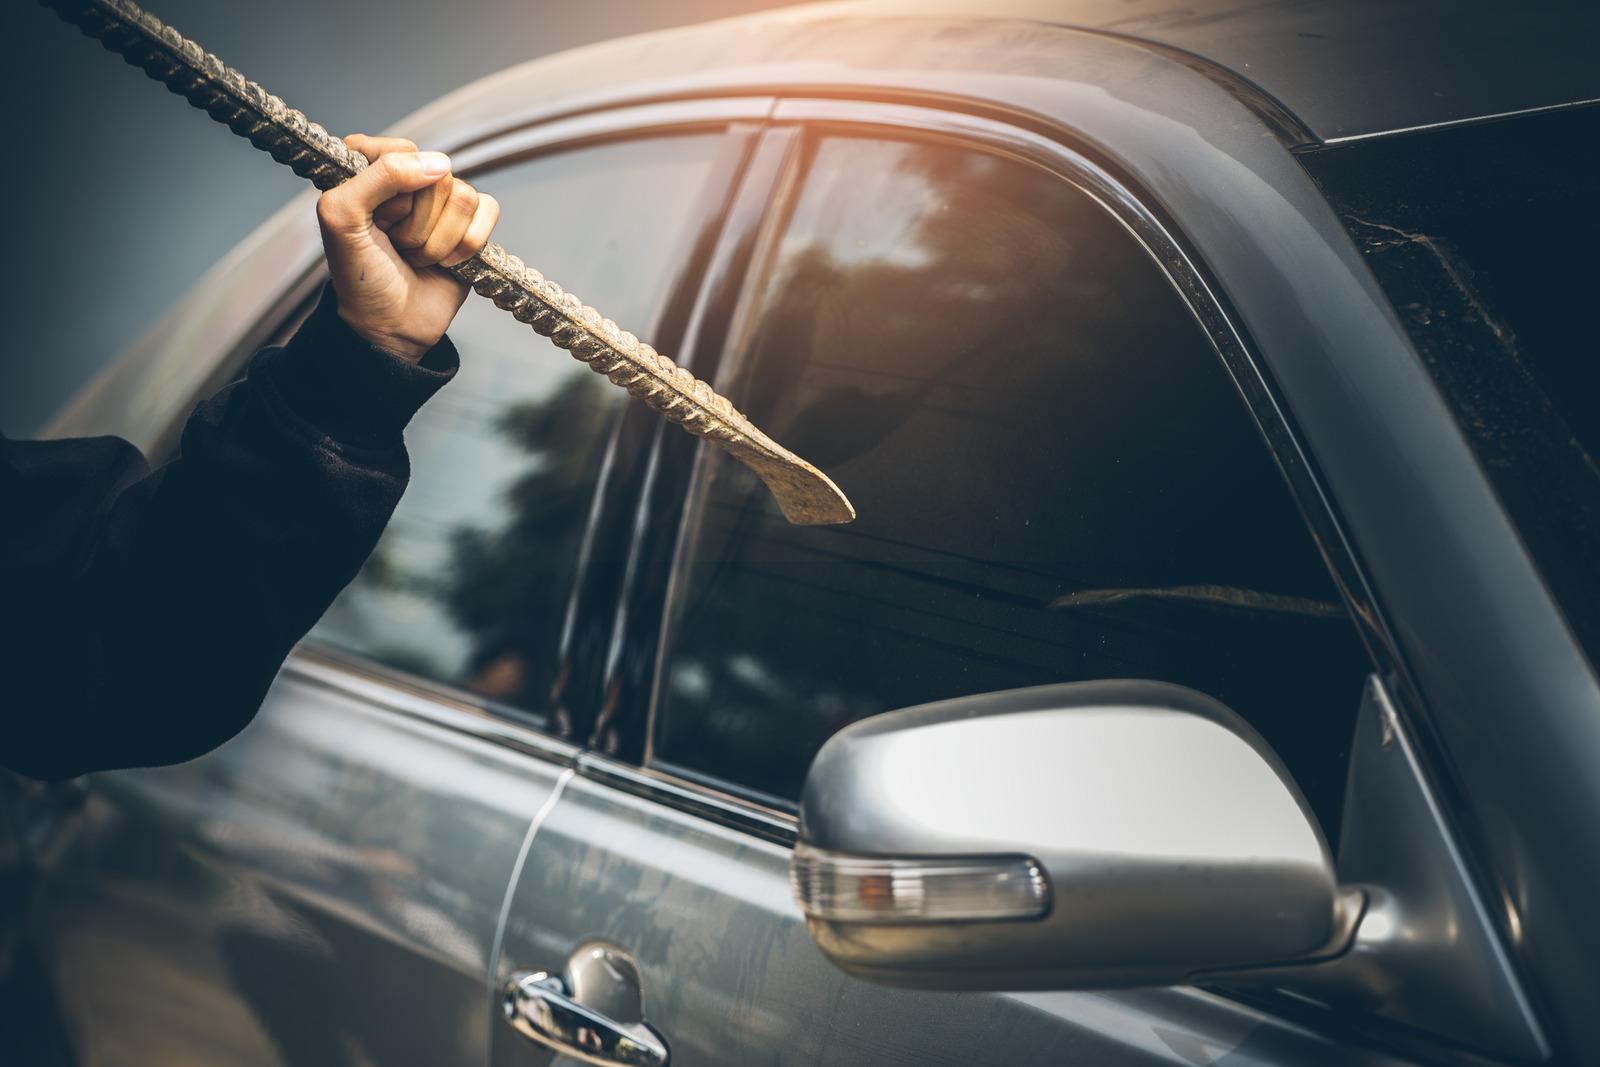 איך לאבטח את הרכב שלכם בעידן שאחרי איסור השימוש באזעקות